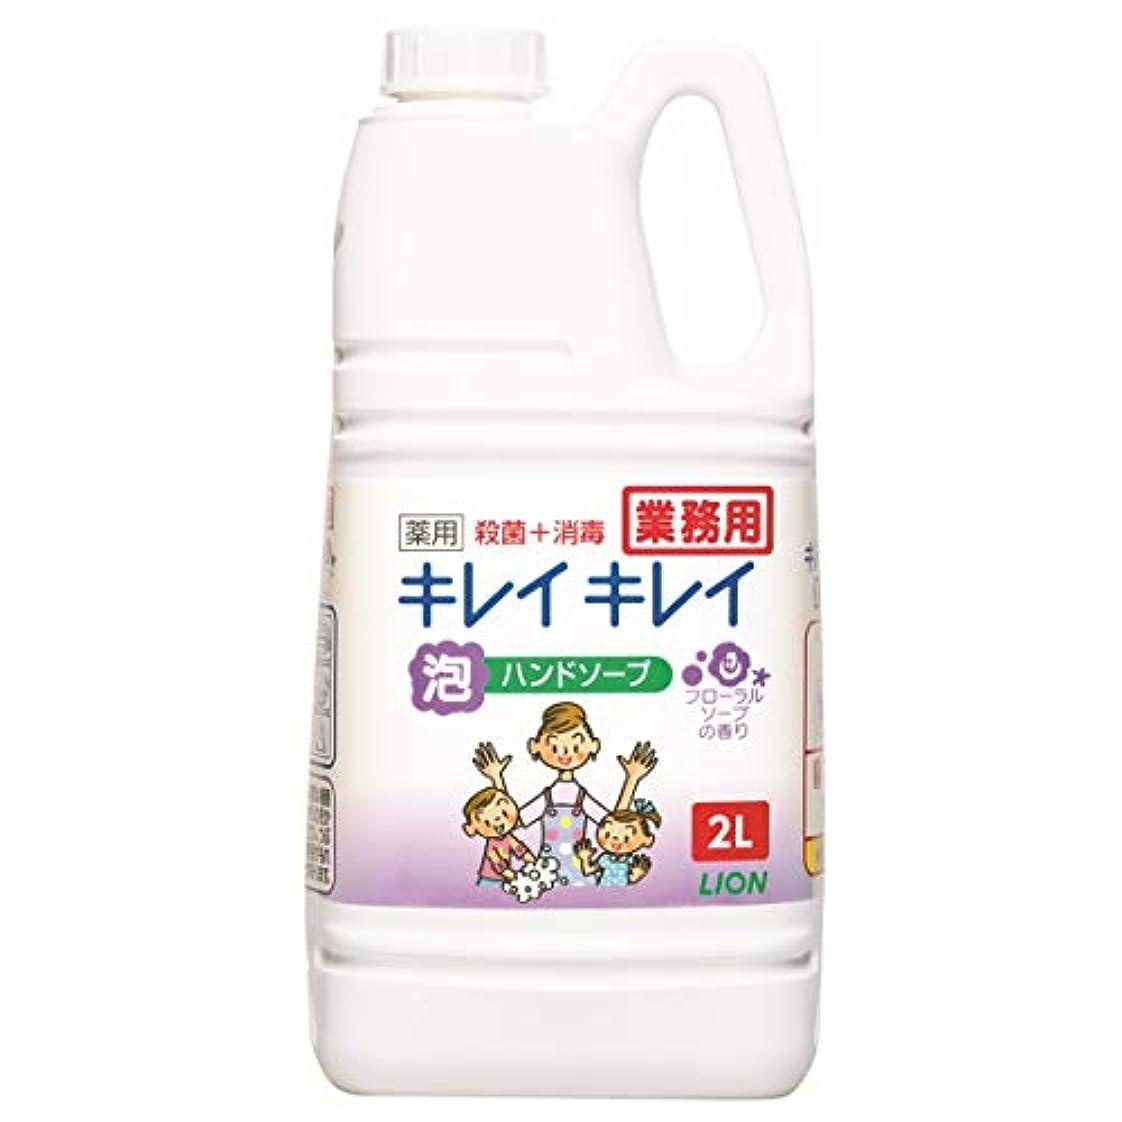 フェンスディレイかる【大容量】キレイキレイ 薬用泡ハンドソープ フローラルソープの香り 2L